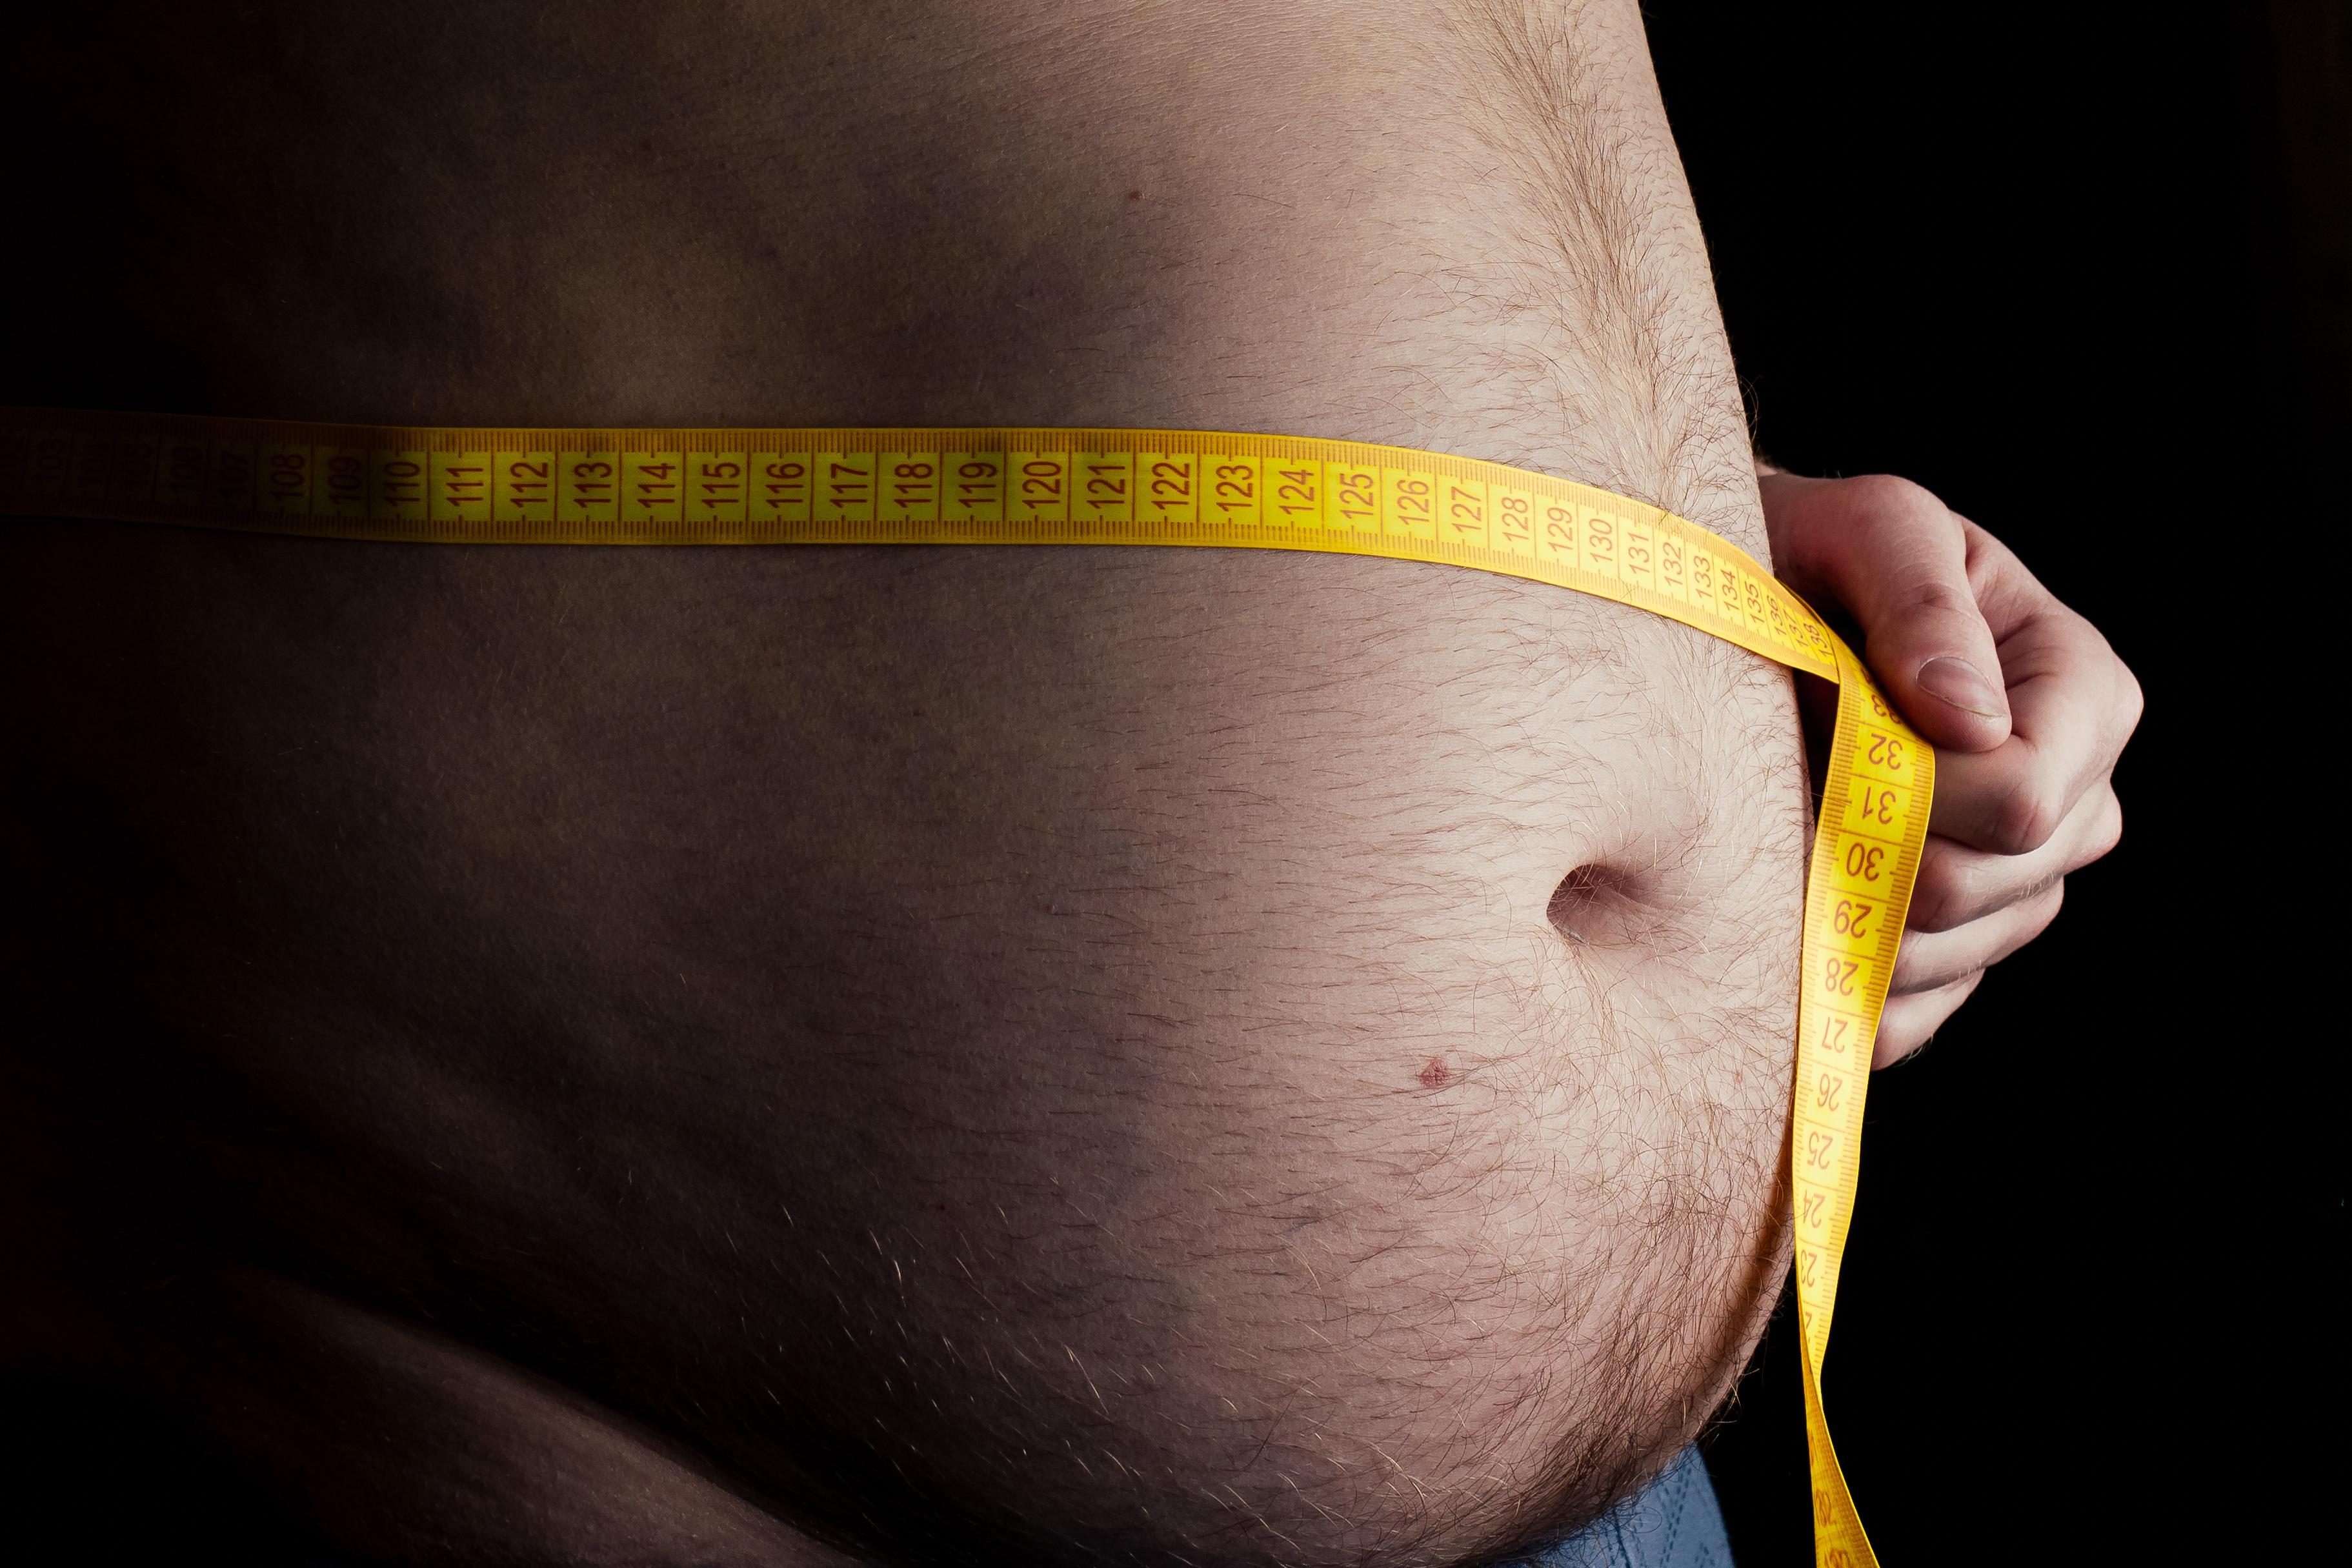 Studiu: Meditația poate favoriza pierderea în greutate